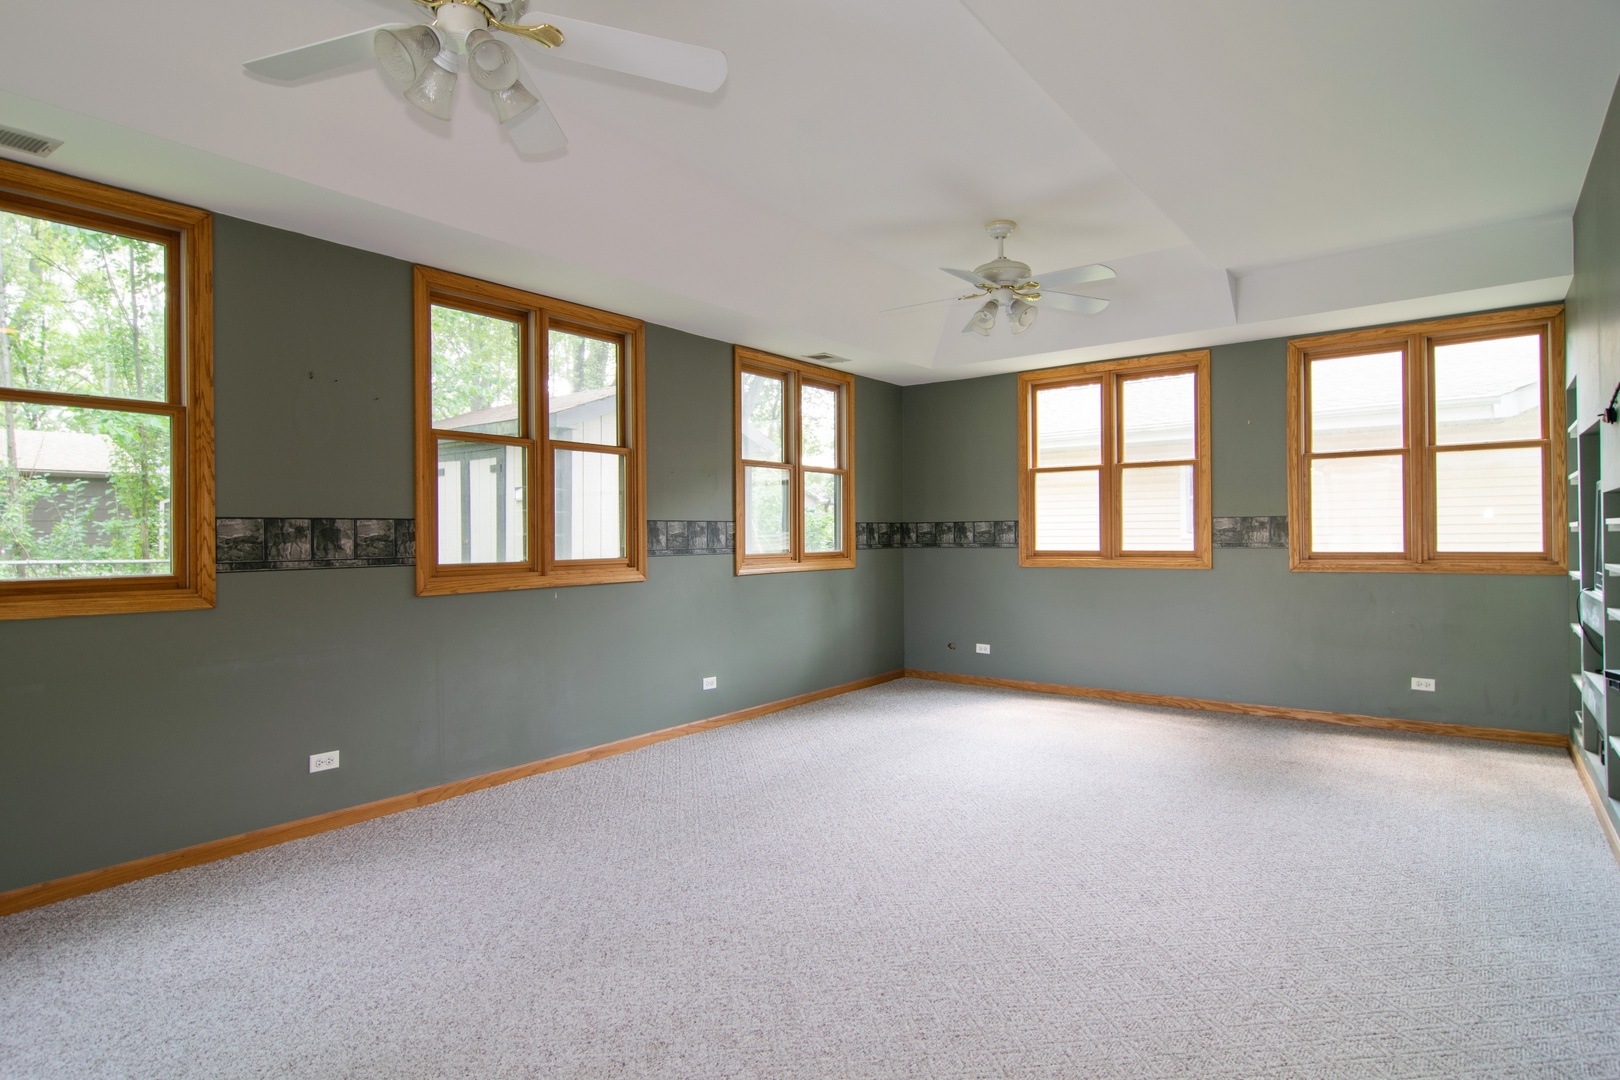 399 Illinois, Hoffman Estates, Illinois, 60169